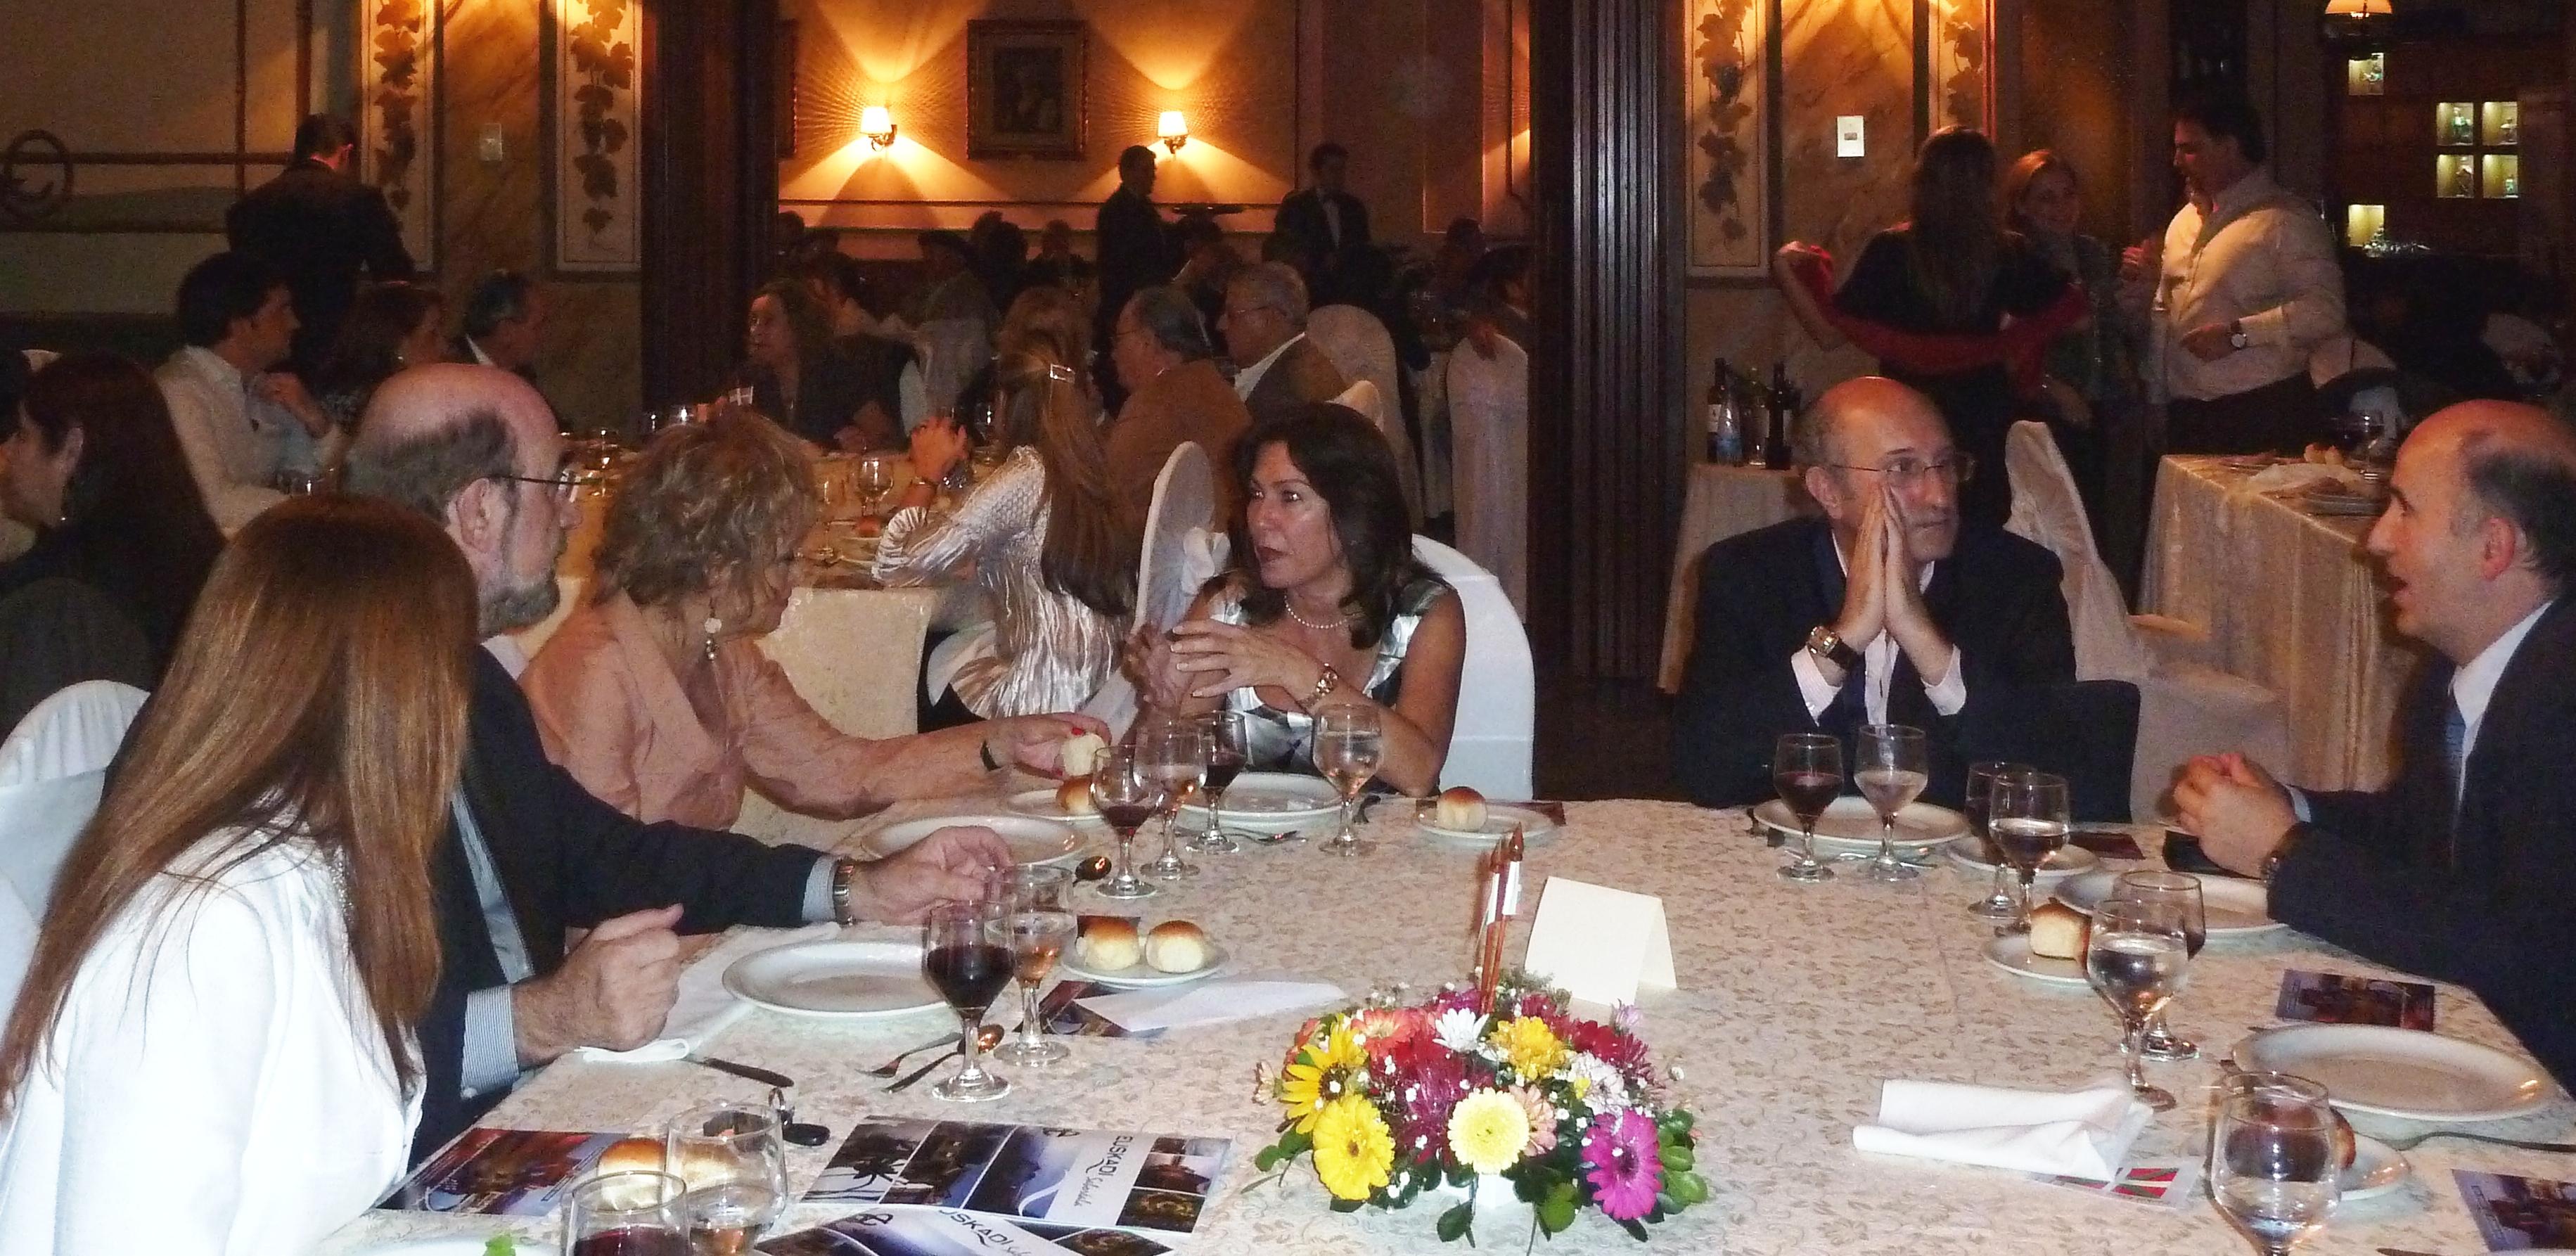 banquete8.jpg